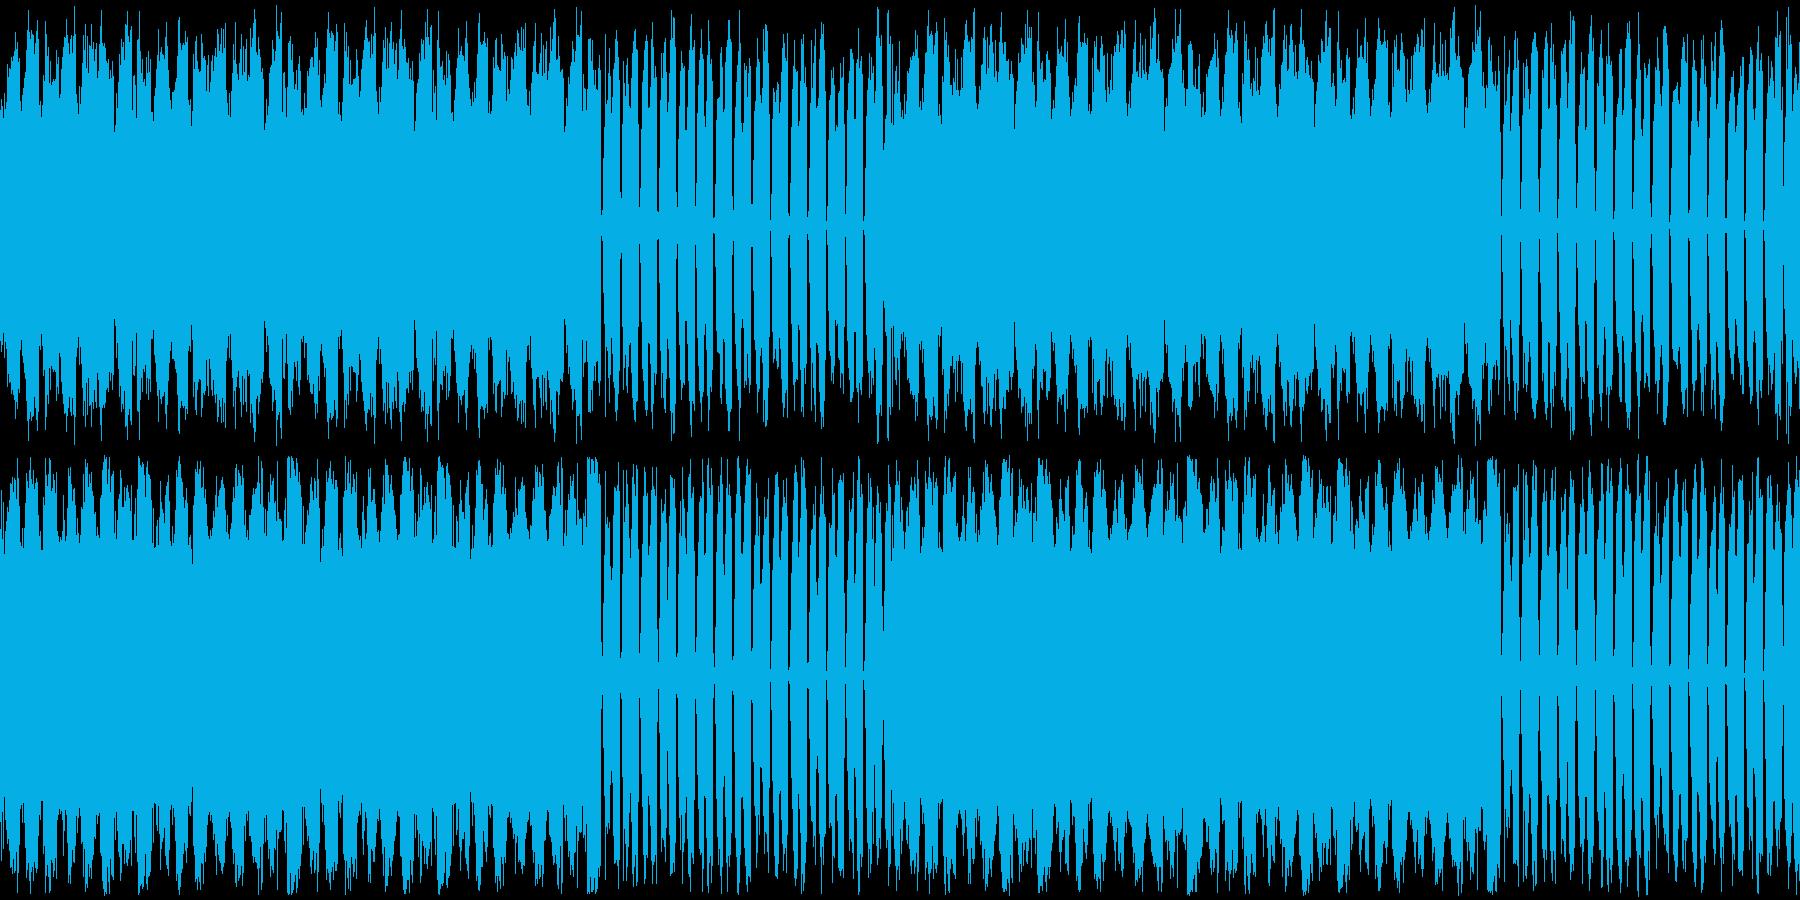 【チルアウト/浮遊感/エレクトロニカ】の再生済みの波形